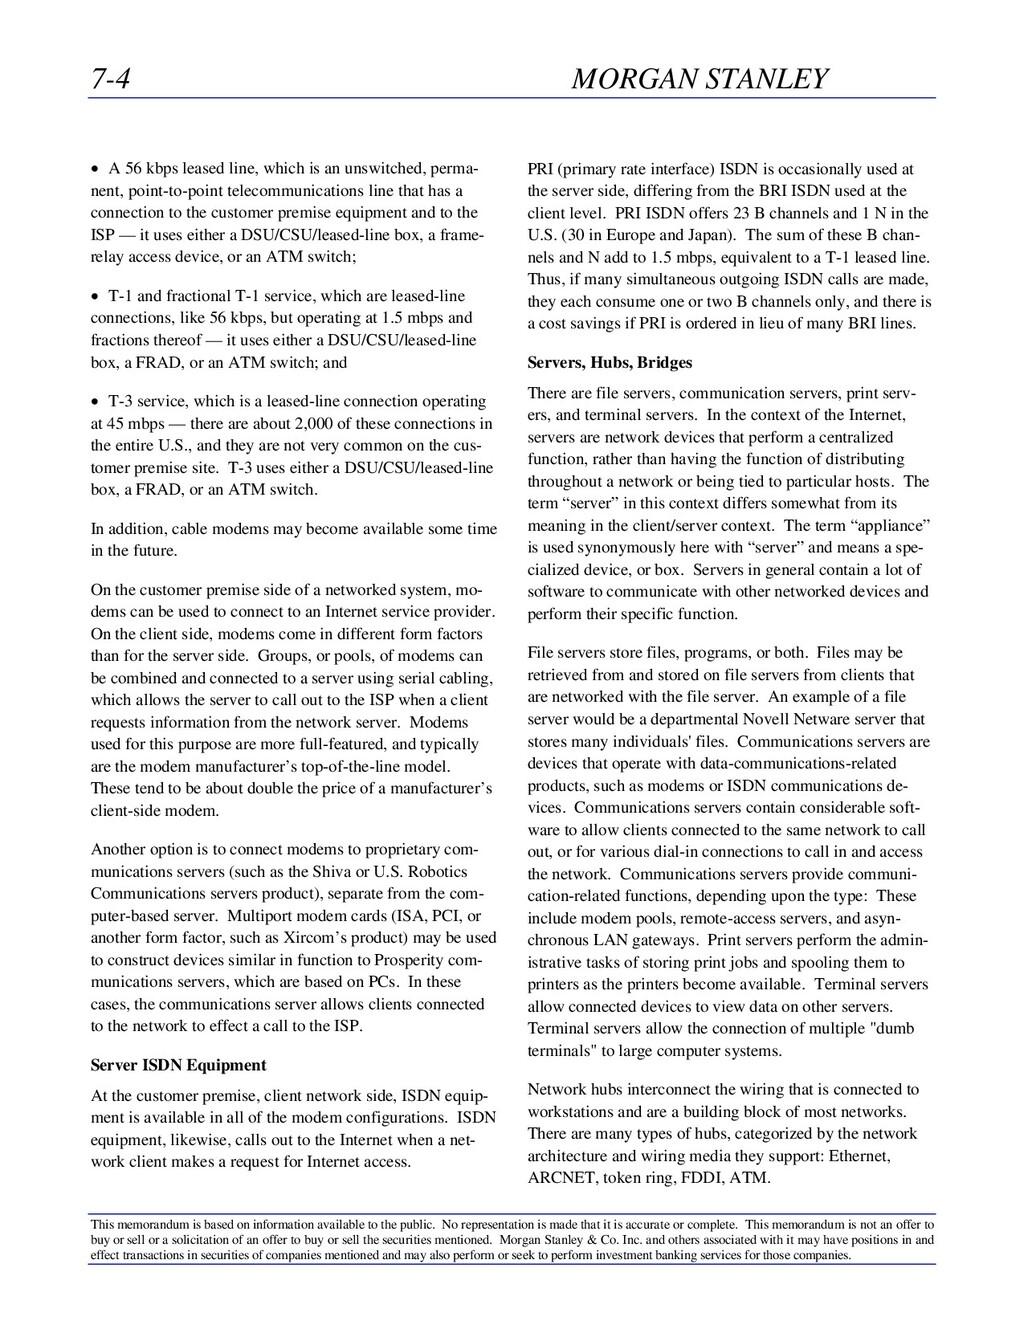 7-4 MORGAN STANLEY This memorandum is based on ...